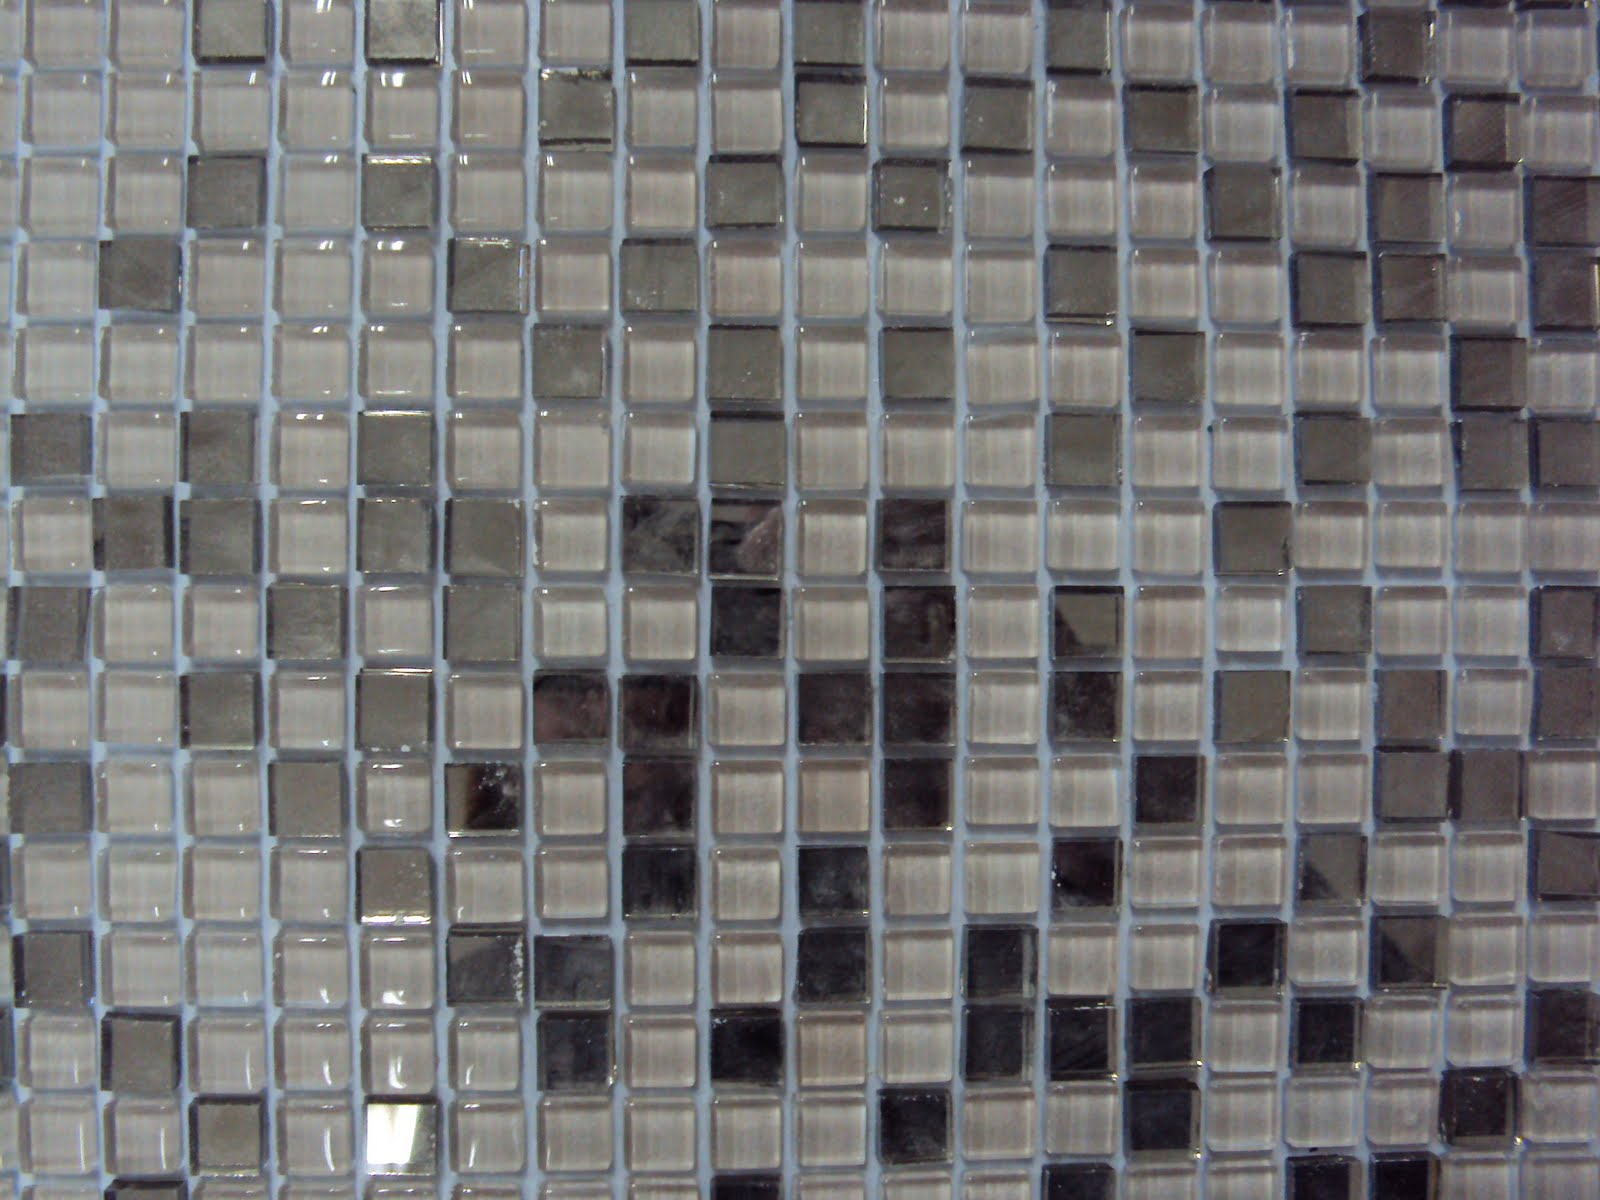 as pastilhas 1x1 cm este modelo é pastilha cinza com espelho fumê #50677B 1600x1200 Banheiro Com Pastilha Espelhada